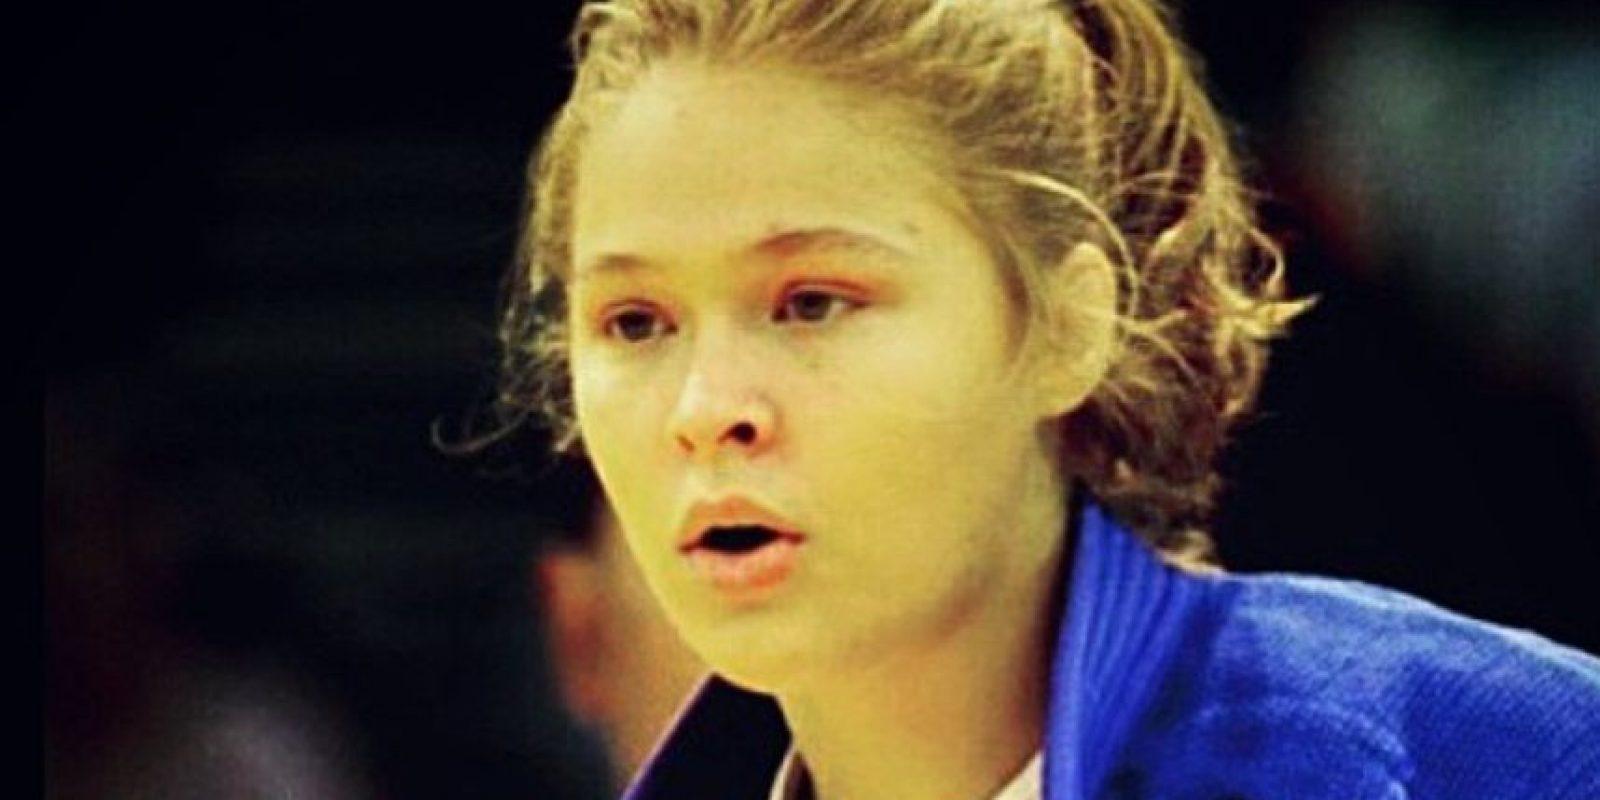 Así lucía a los 17 años en los Juegos Olímpicos de Atenas 2004 Foto:Getty Images